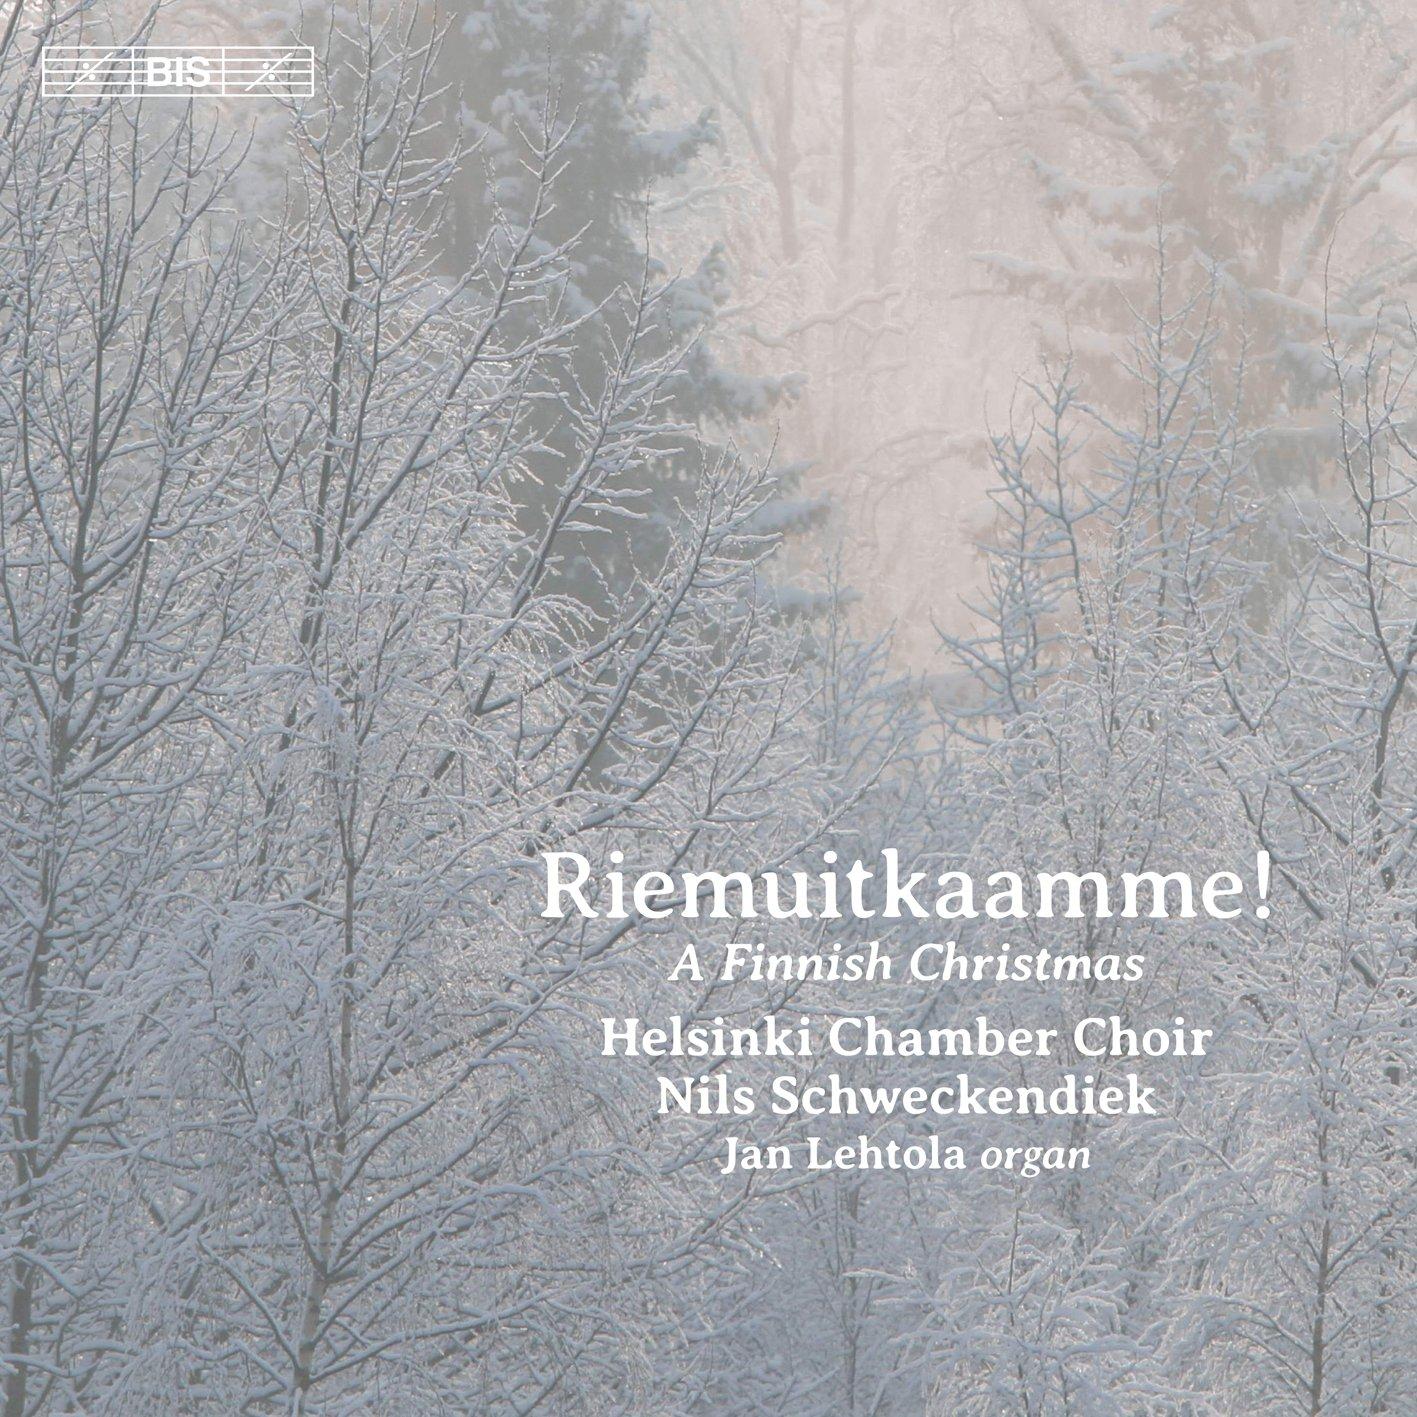 SACD : HELSINKI CHAMBER CHOIR - Finnish Christmas (Hybrid SACD)